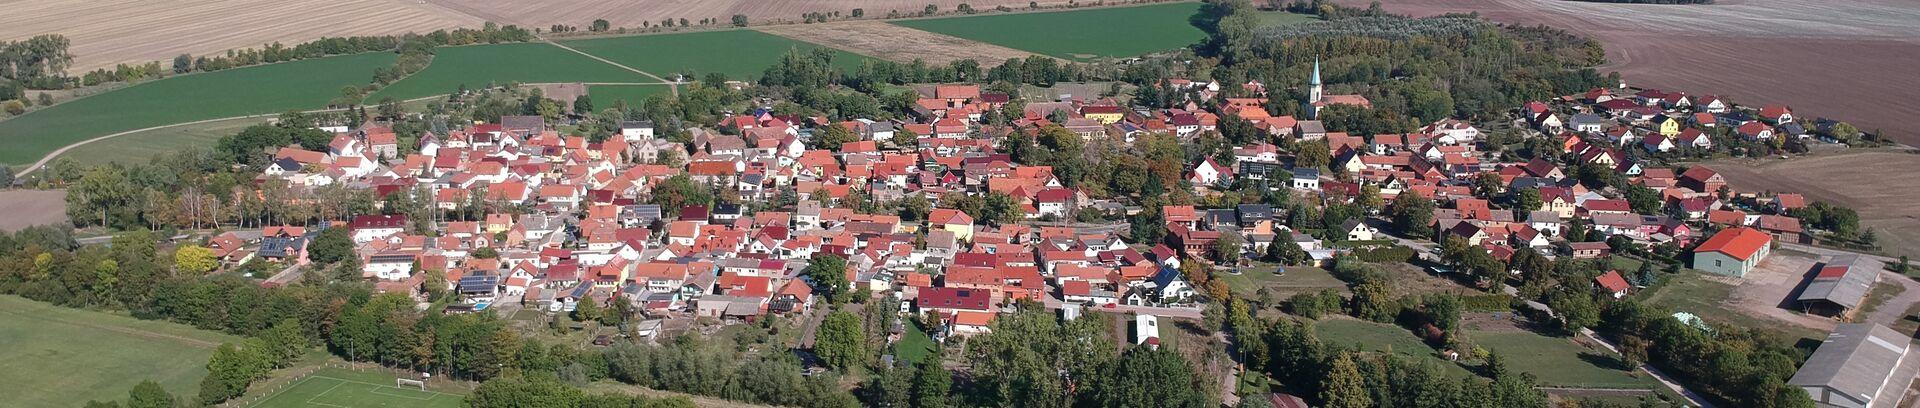 Gemeinde Werningshausen